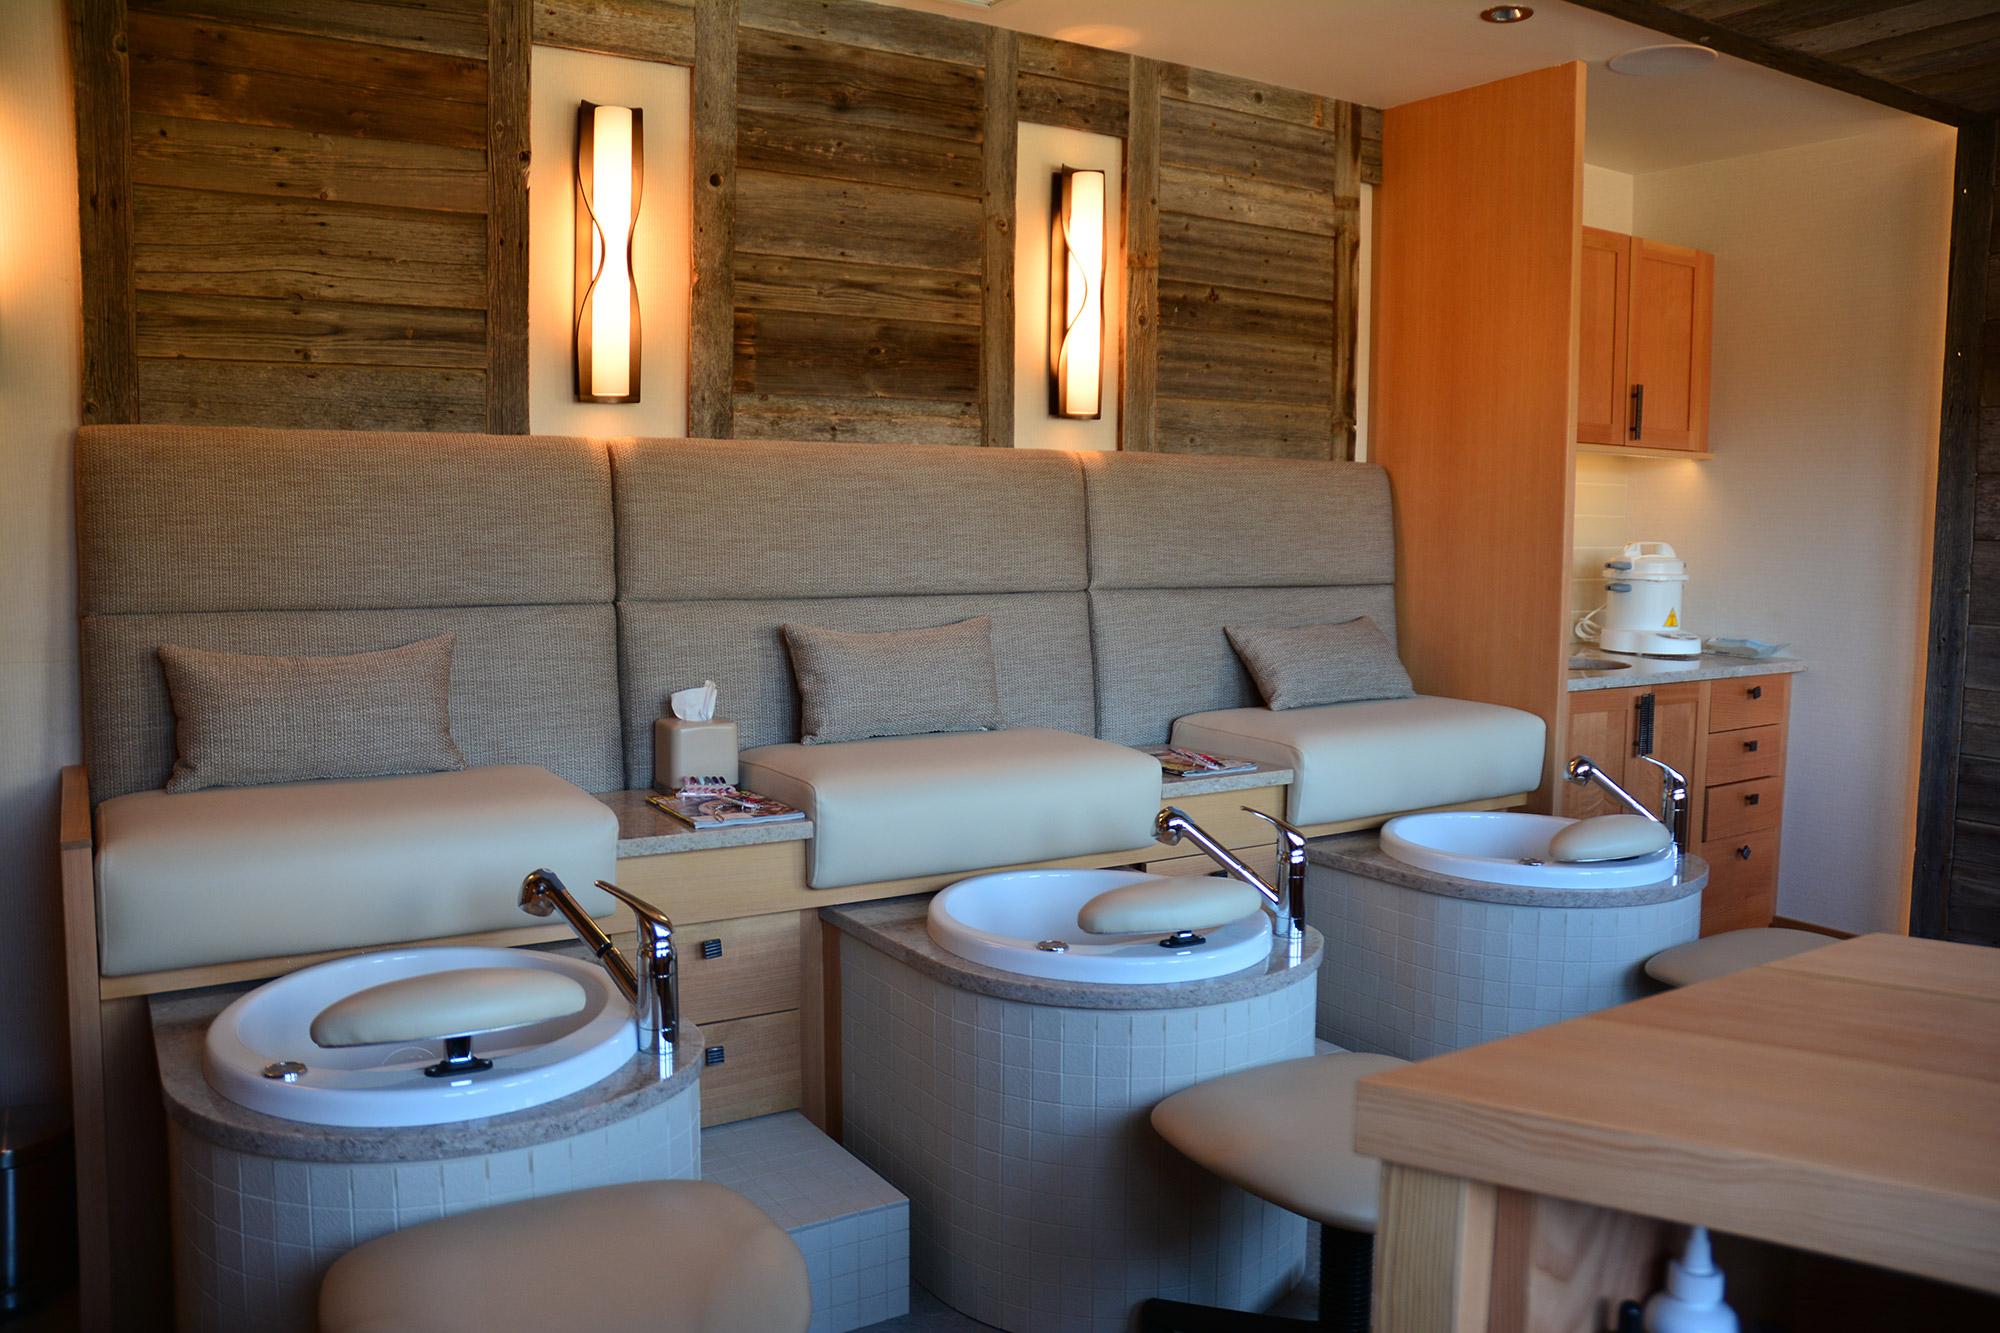 Pedicure & Manicure Room